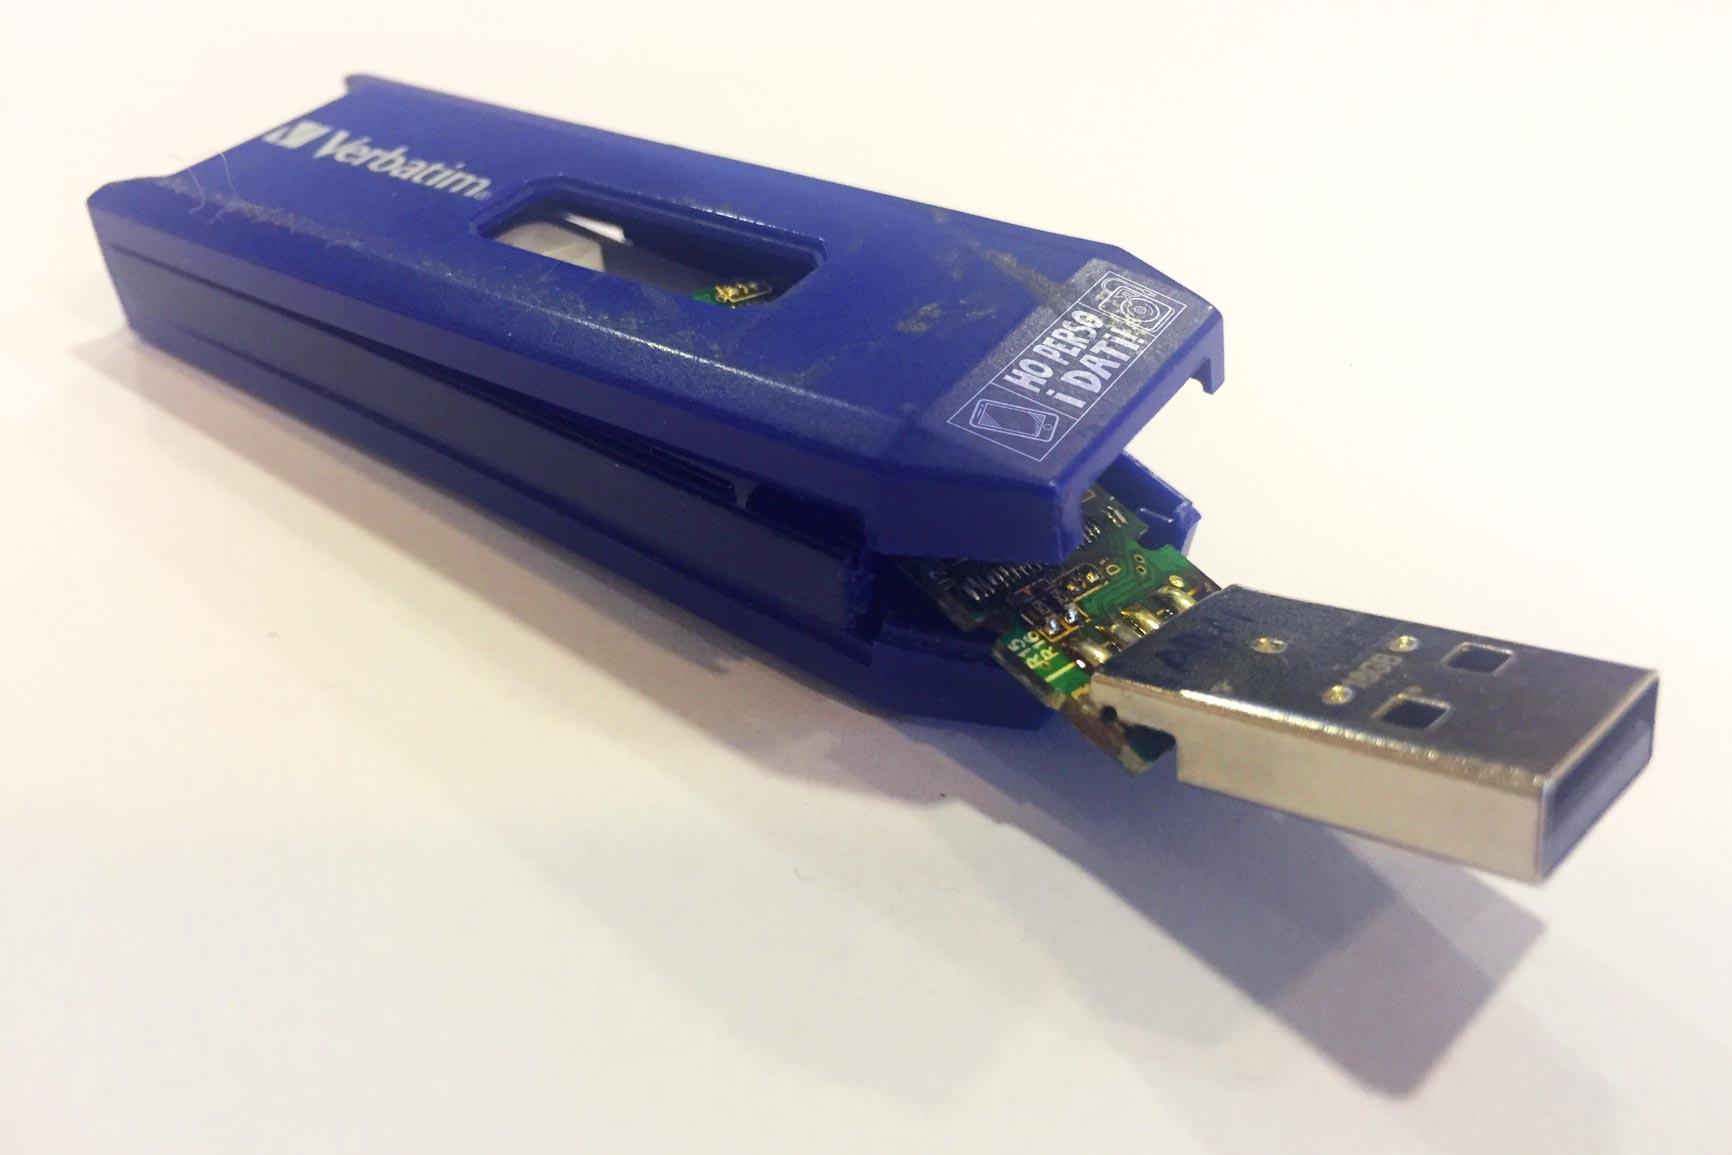 hopersoidati.it - recupero dati da pendrive USB - diagnosi gratuita e preventivo senza impegno - segui le istruzioni recupero dati